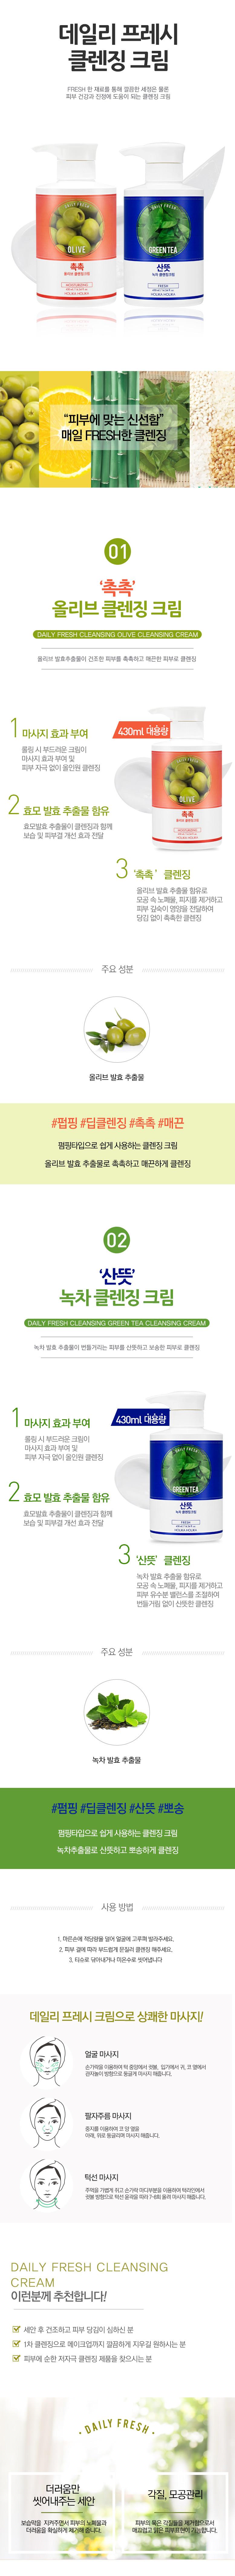 Holika Holika Daily Fresh Cleansing Cream 430ml malaysia singapore indonesia